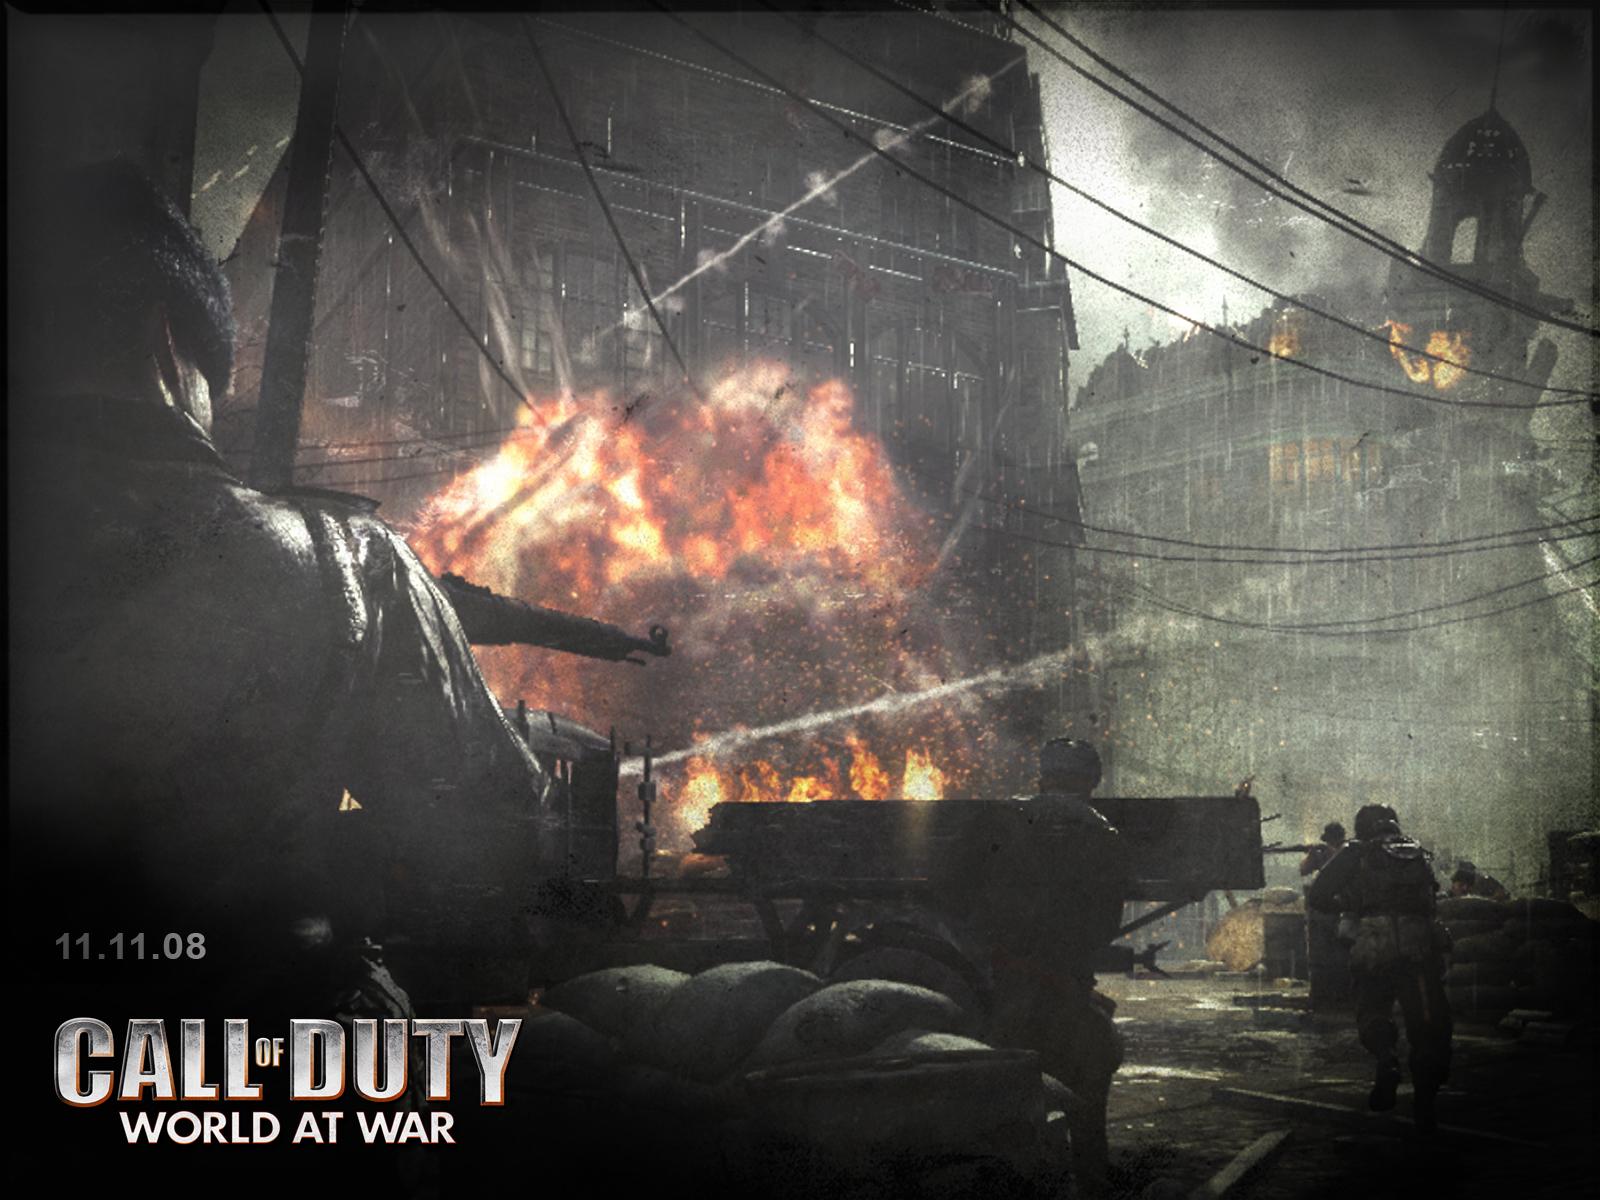 Call_of_duty_world_at_war-12.